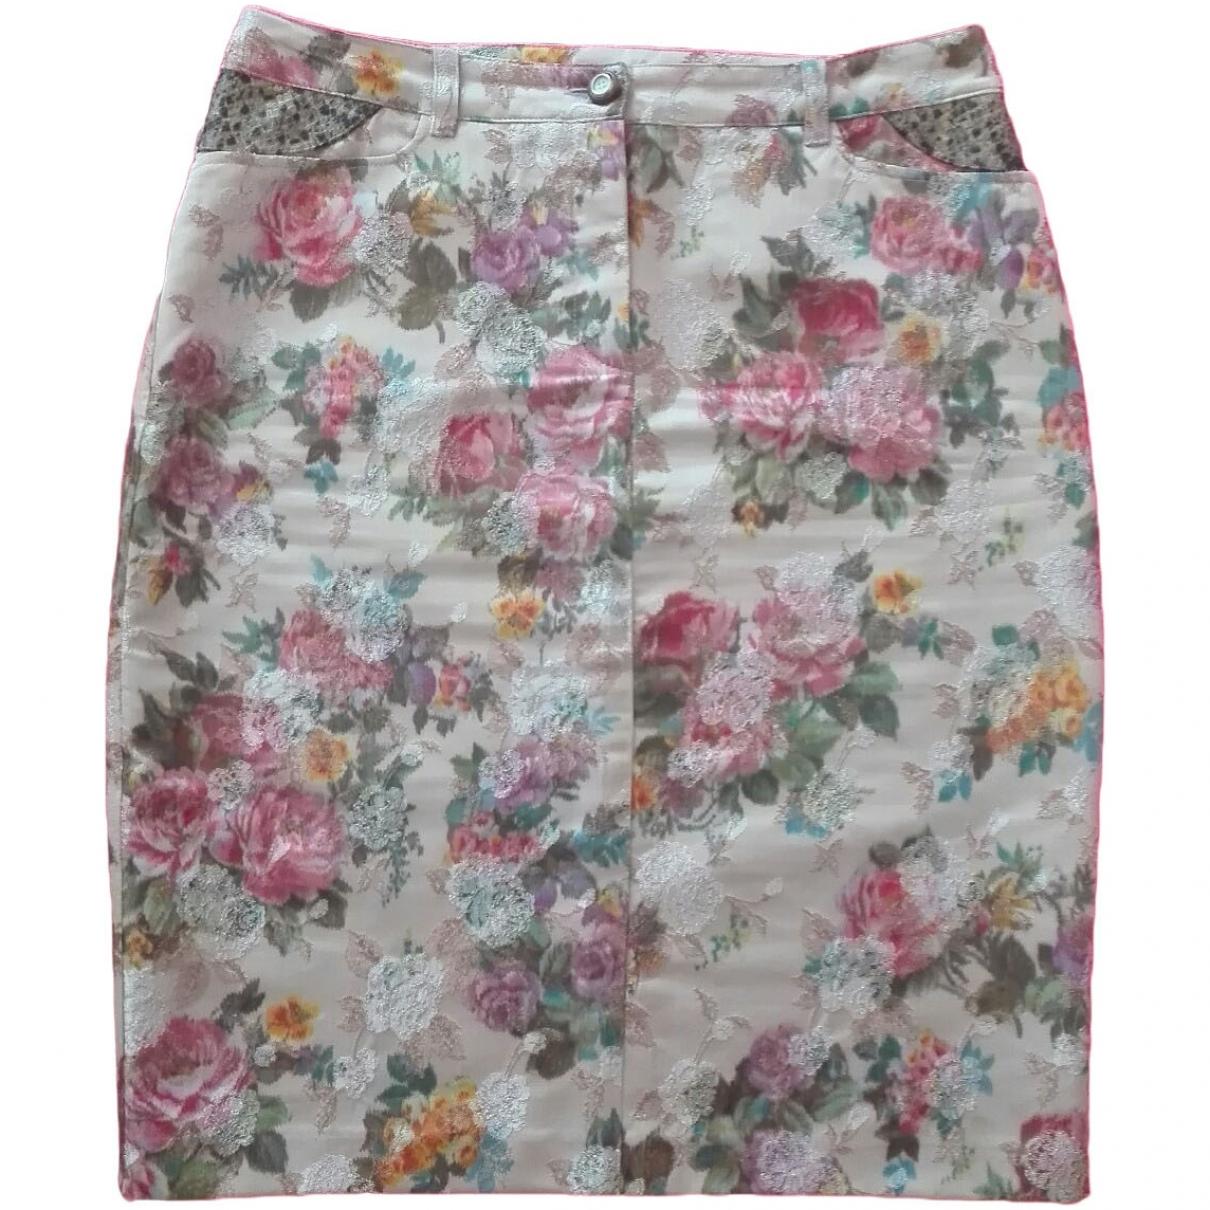 D&g \N skirt for Women 46 IT